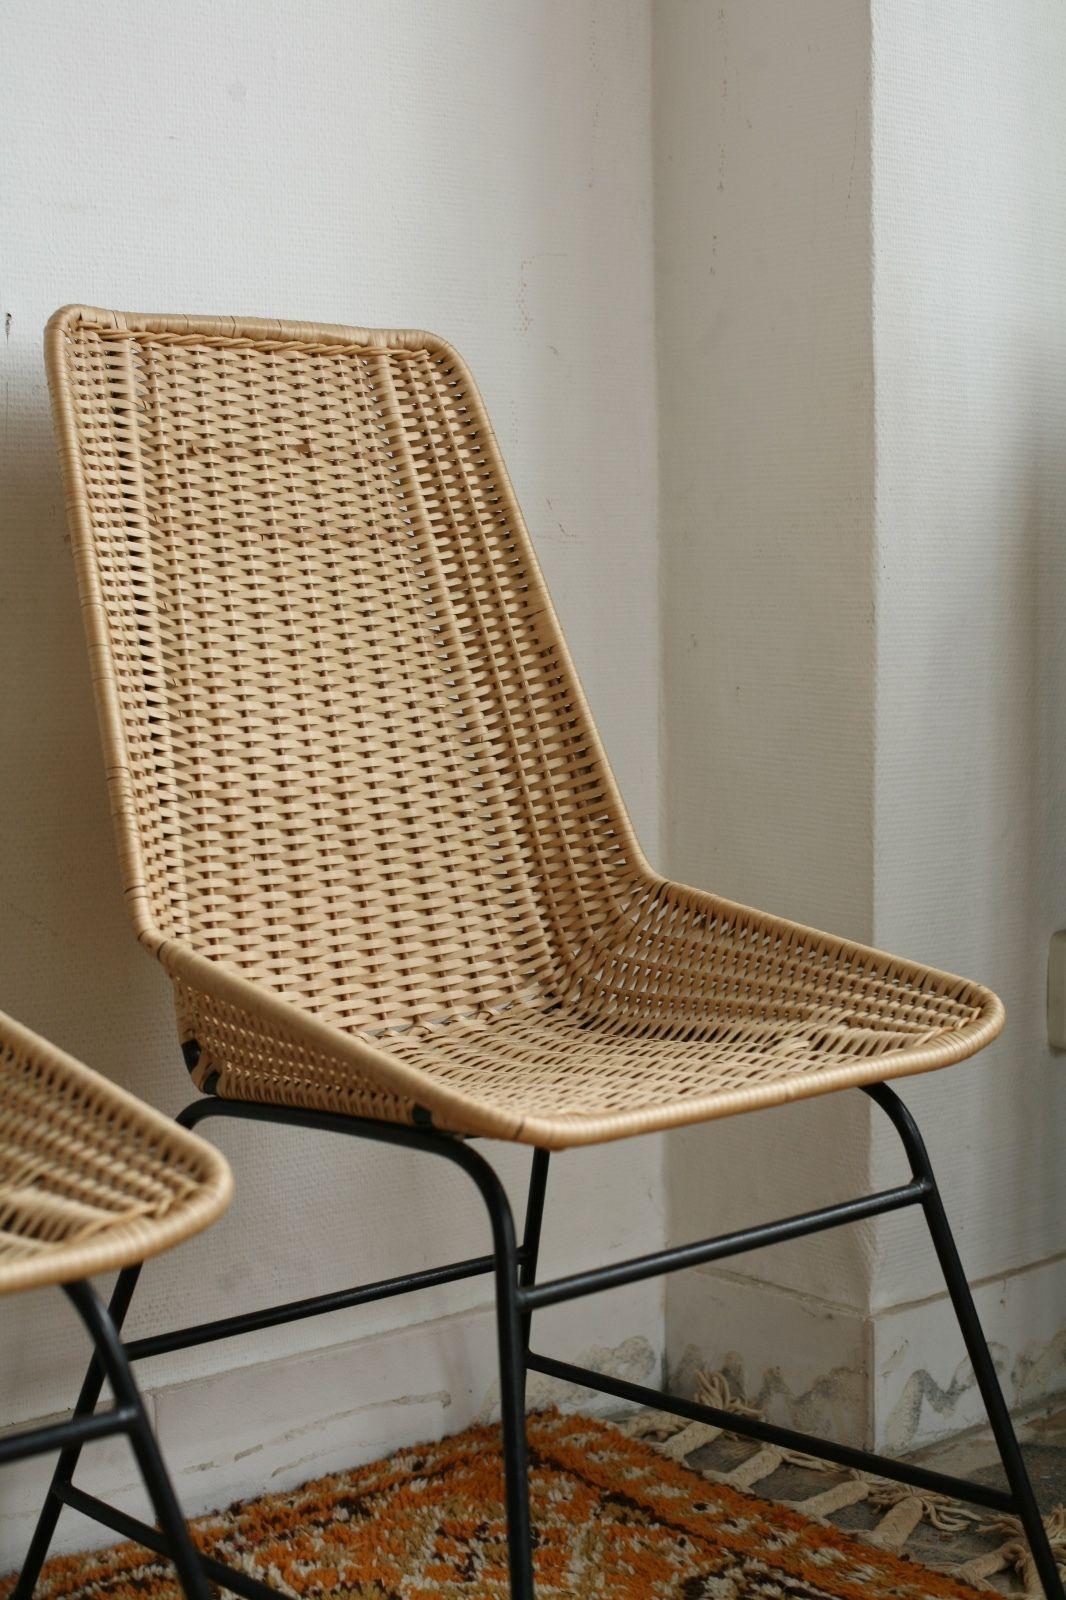 TRUE VINTAGE 1von2 RATTAN KORB STUHL 60er String wicker chair Made ...